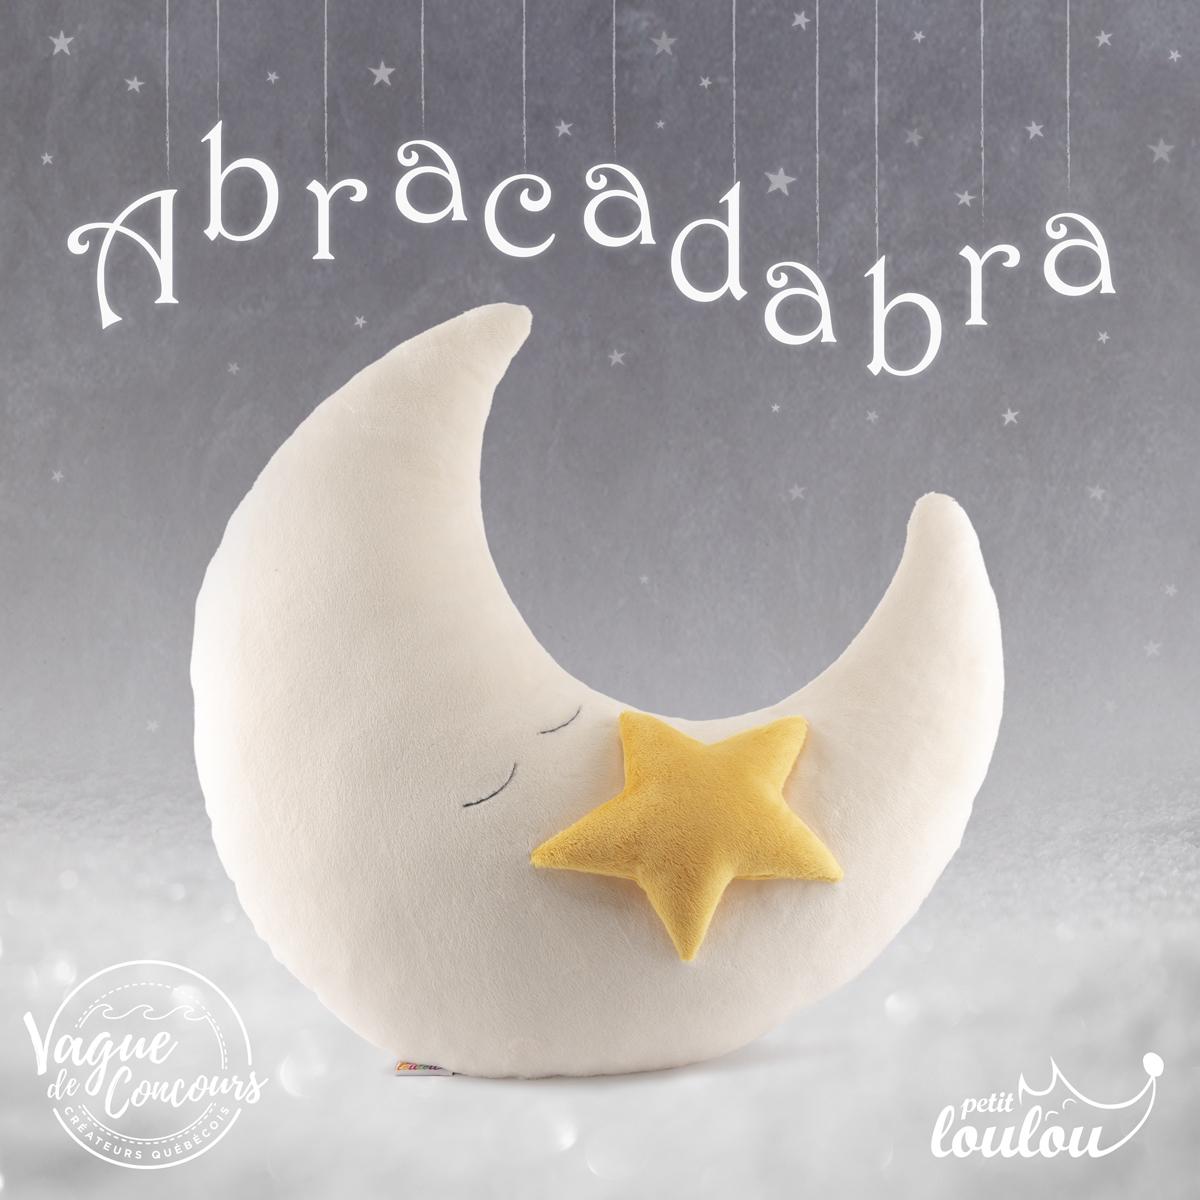 """3ième prix """"Surfer d'Or"""" 21e édition : Abracadabra"""